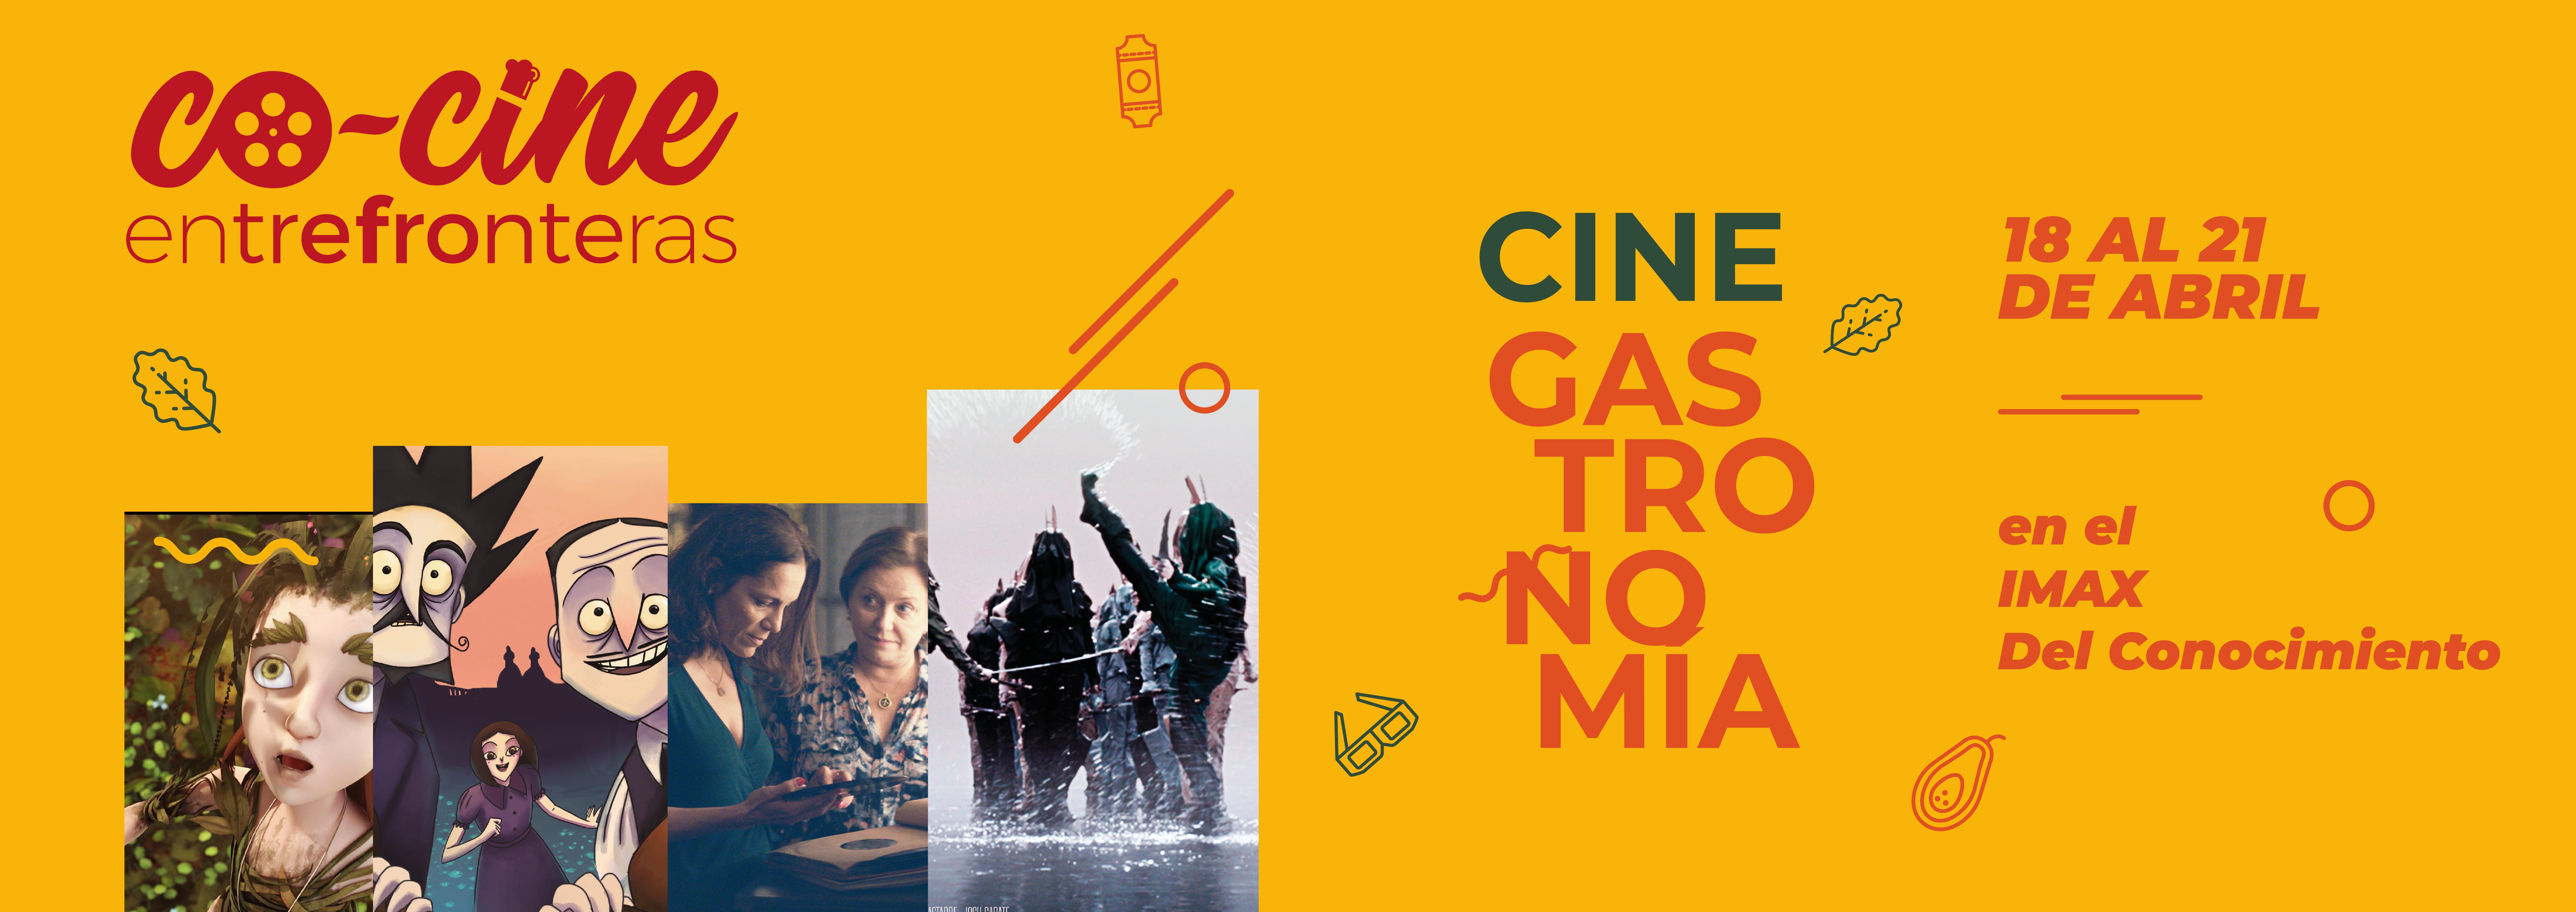 Llega CO-CINE entre fronteras, cine y gastronomía en el IMAX del Conocimiento